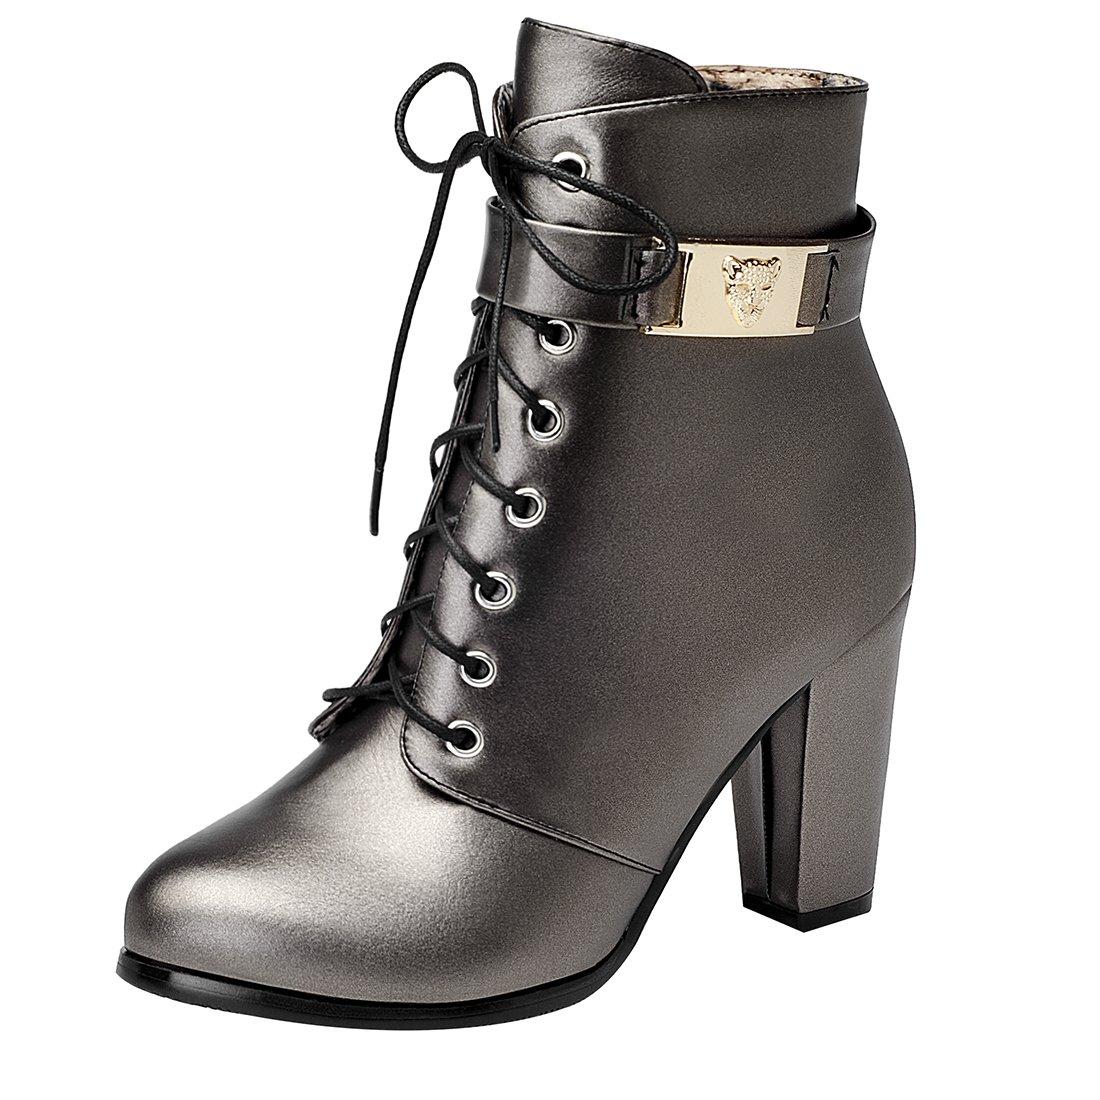 UH Damen Blockabsatz Stiefeletten Schnürung Fell Spitze Ankle Boots mit Fell Schnürung und Reißverschluss Warm Schuhe Kupfer 84a52e